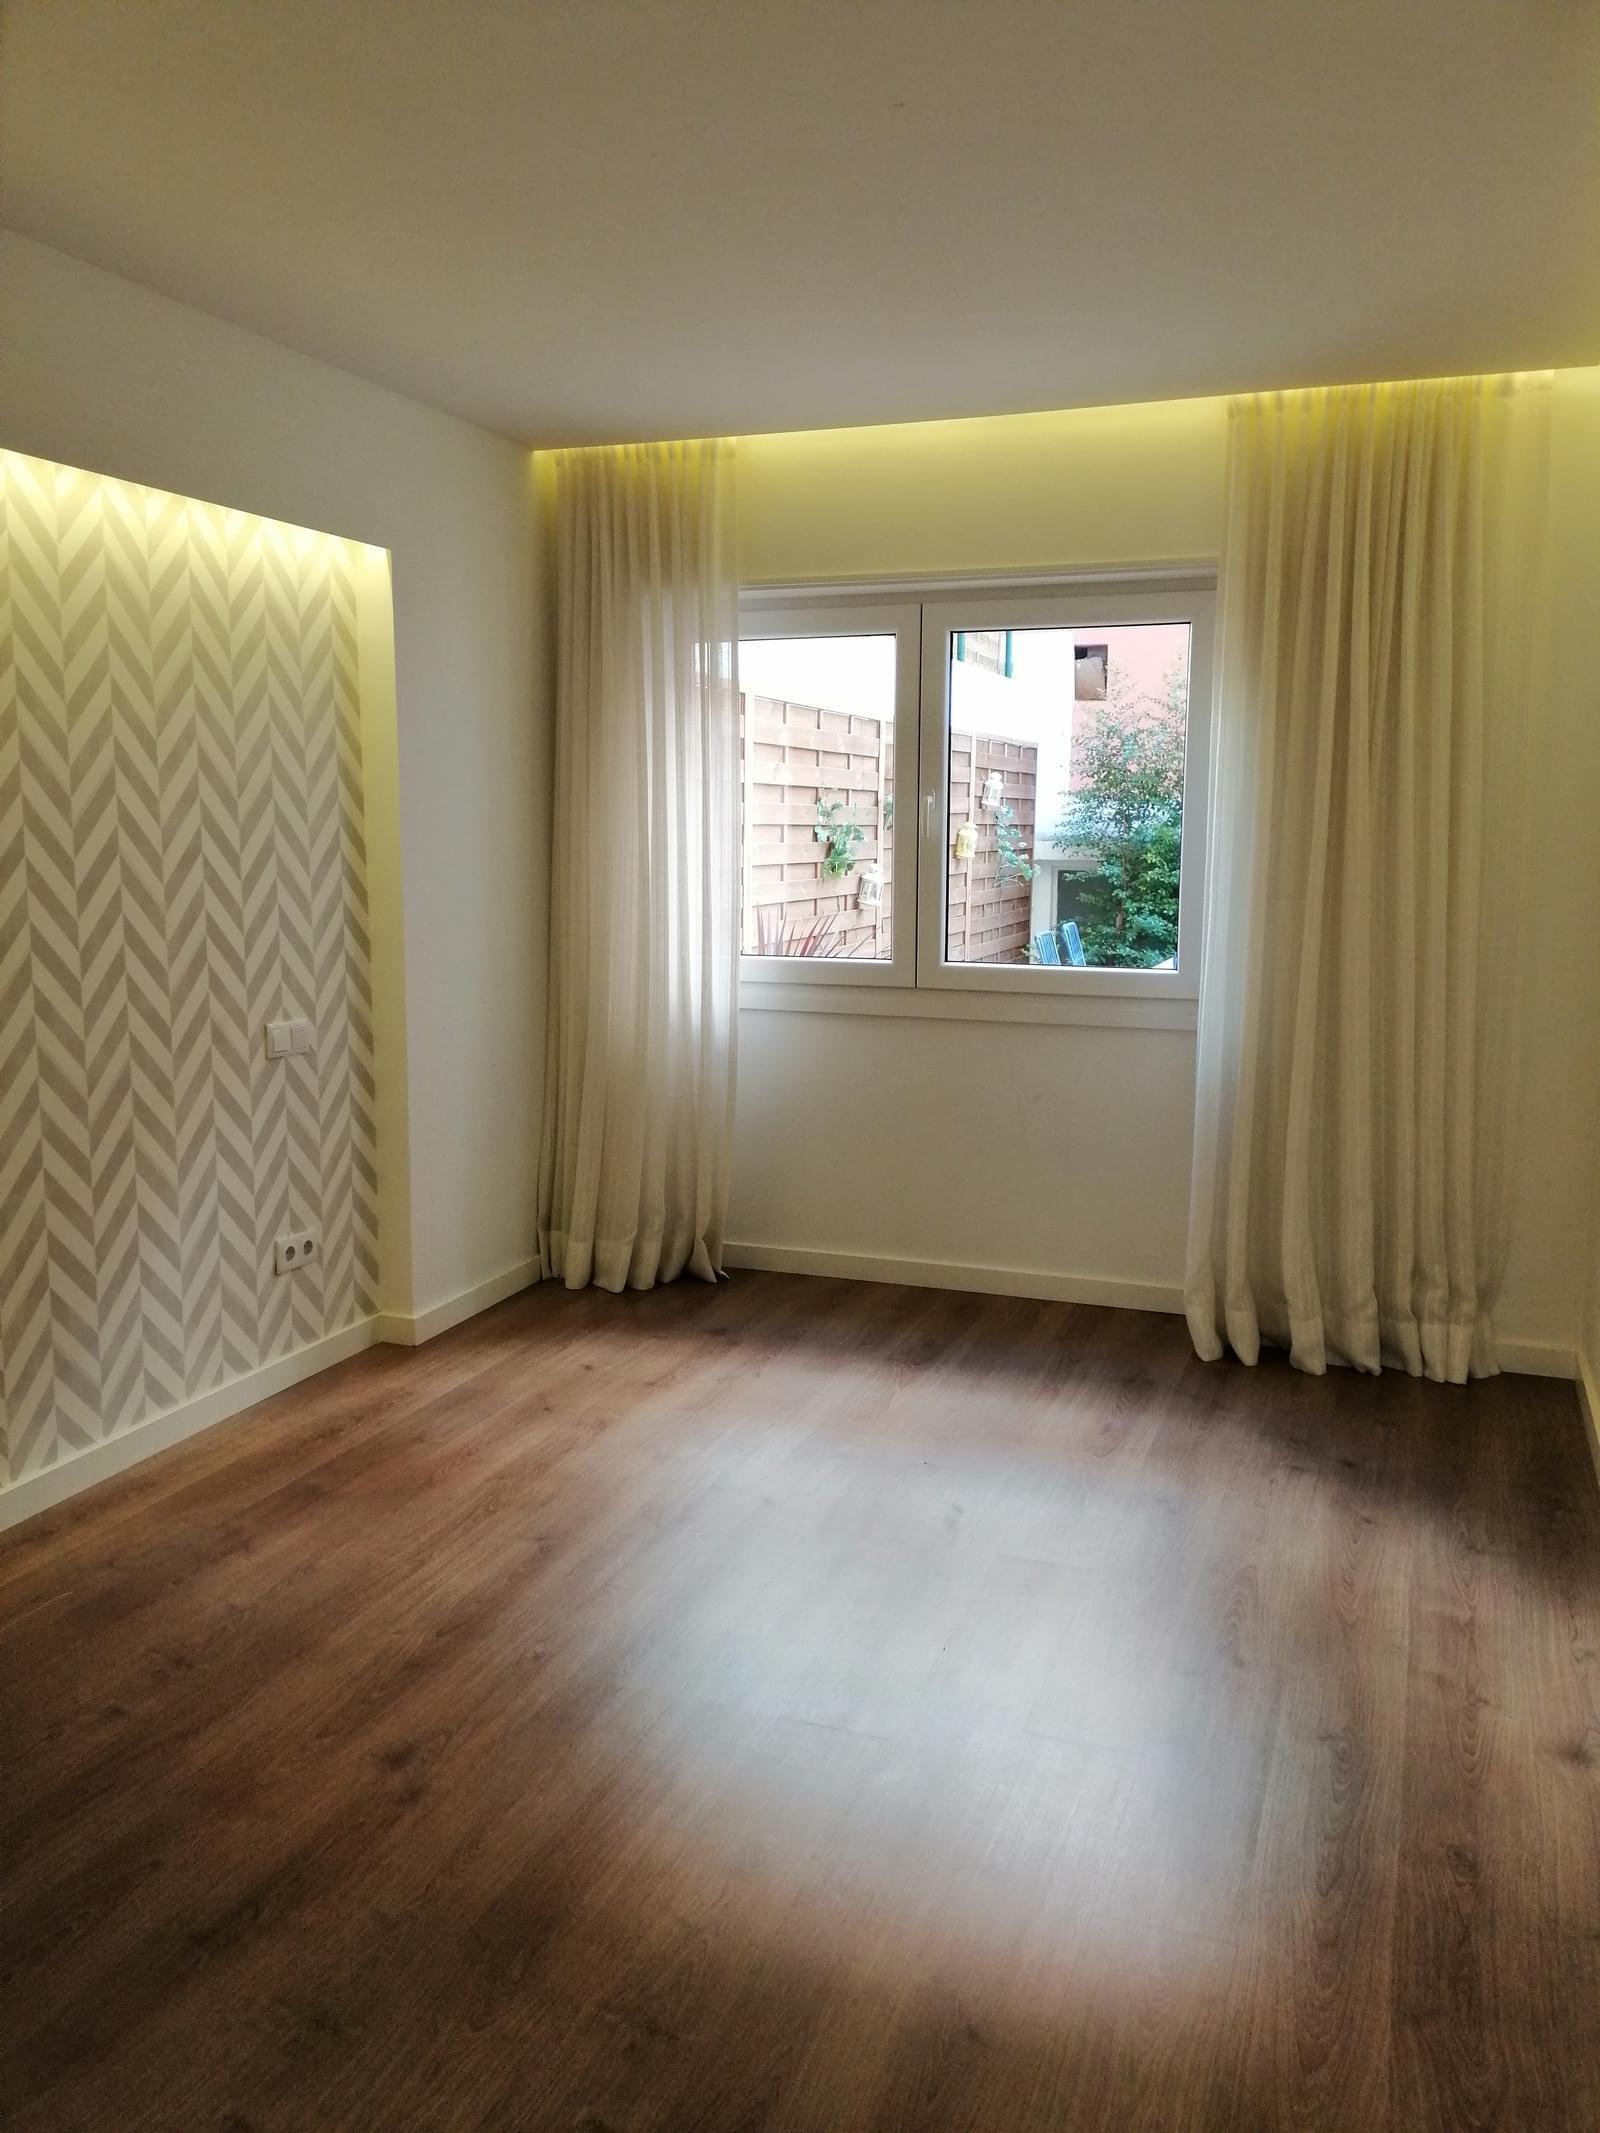 pf18996-apartamento-t3-lisboa-0f90d84f-ee76-405d-aa5a-b5085f306193